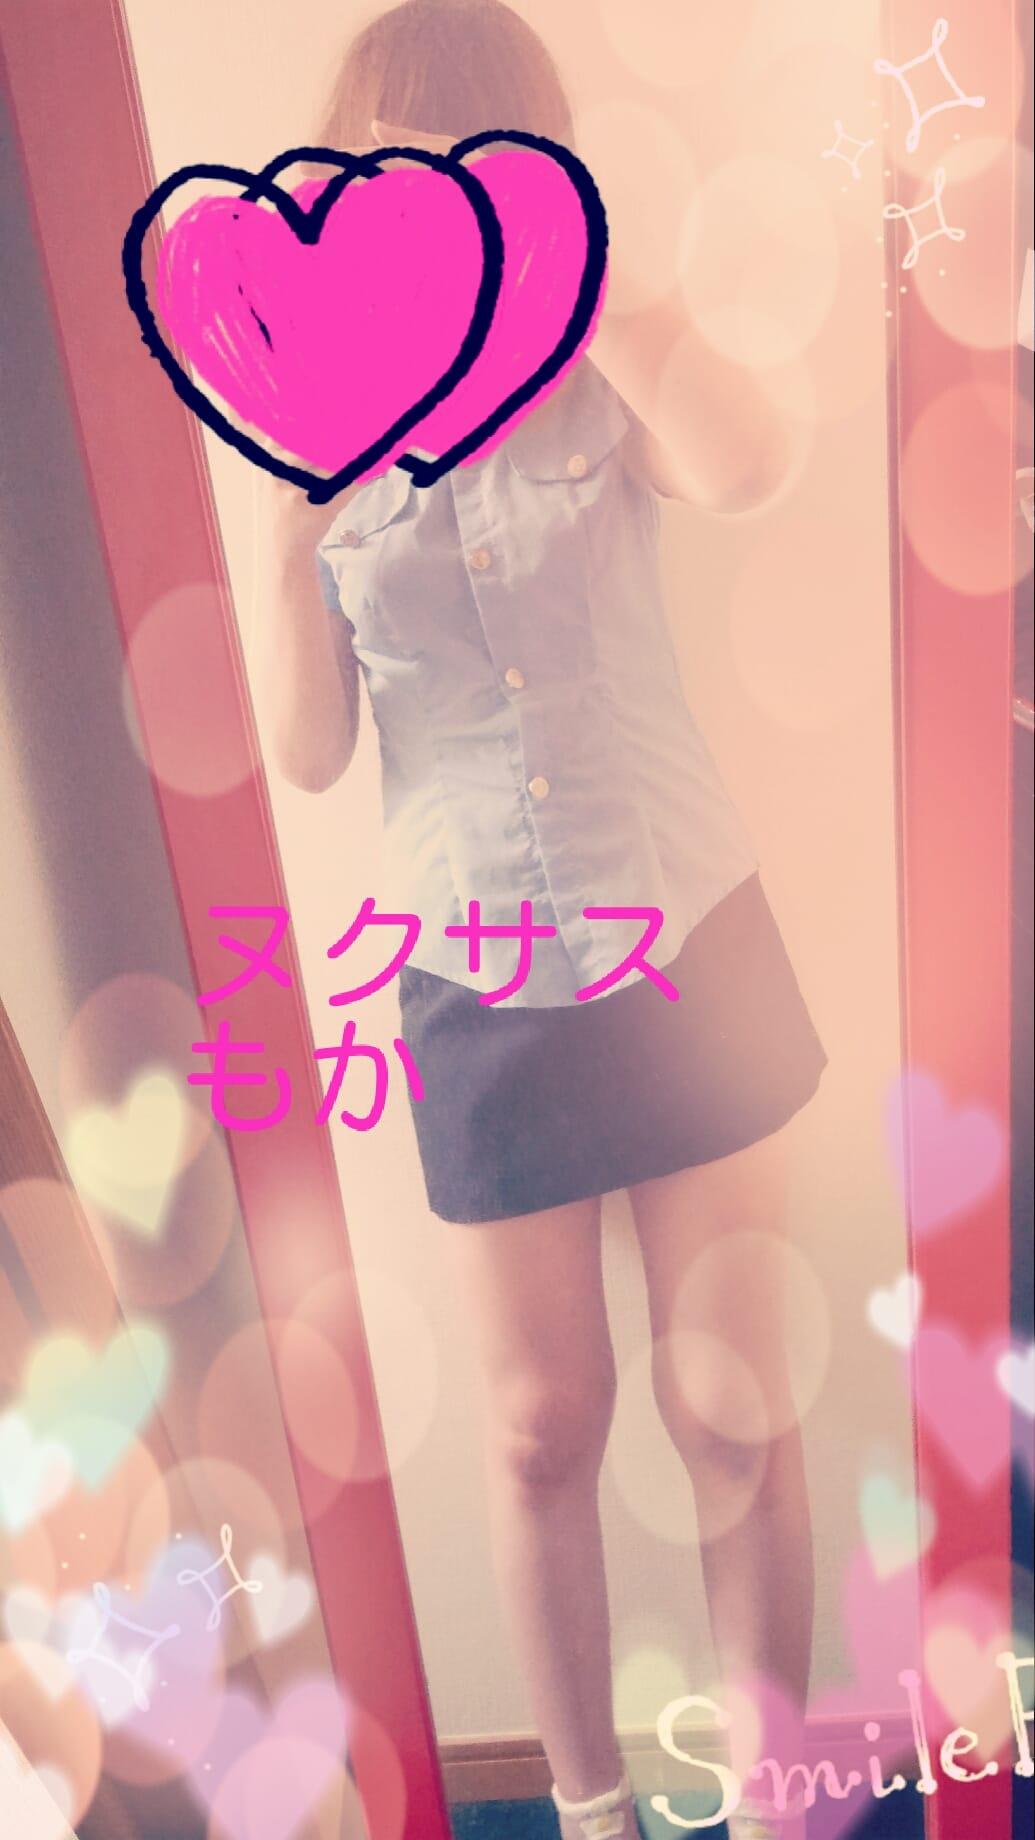 「一日お疲れ様」07/05(水) 01:15 | もかちゃんの写メ・風俗動画